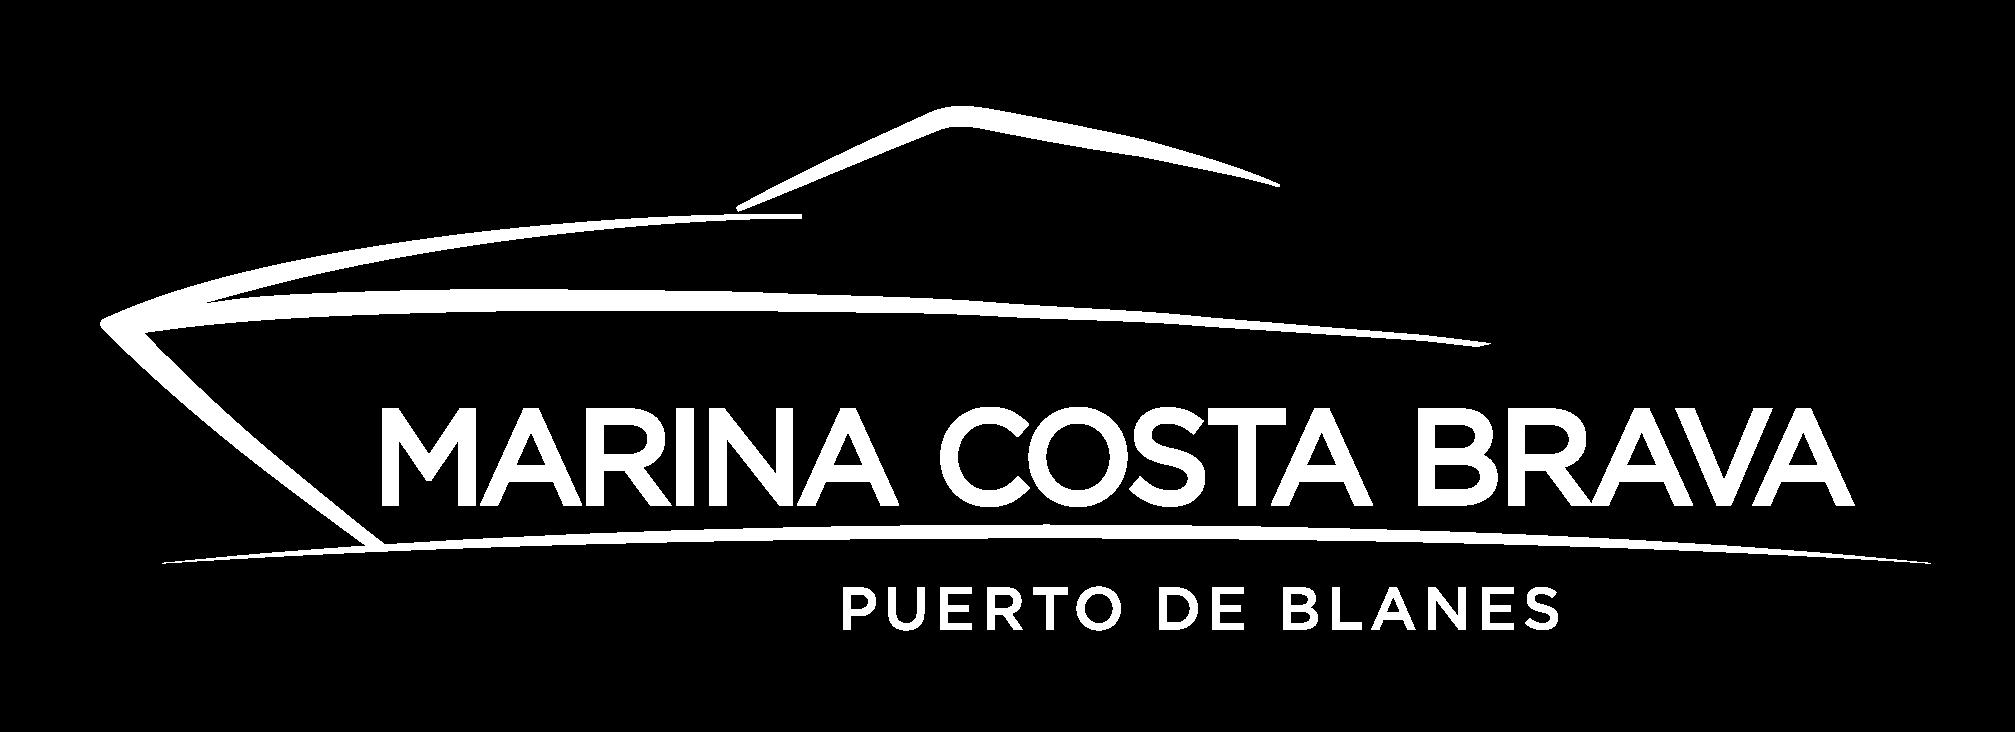 Marina Costa Brava